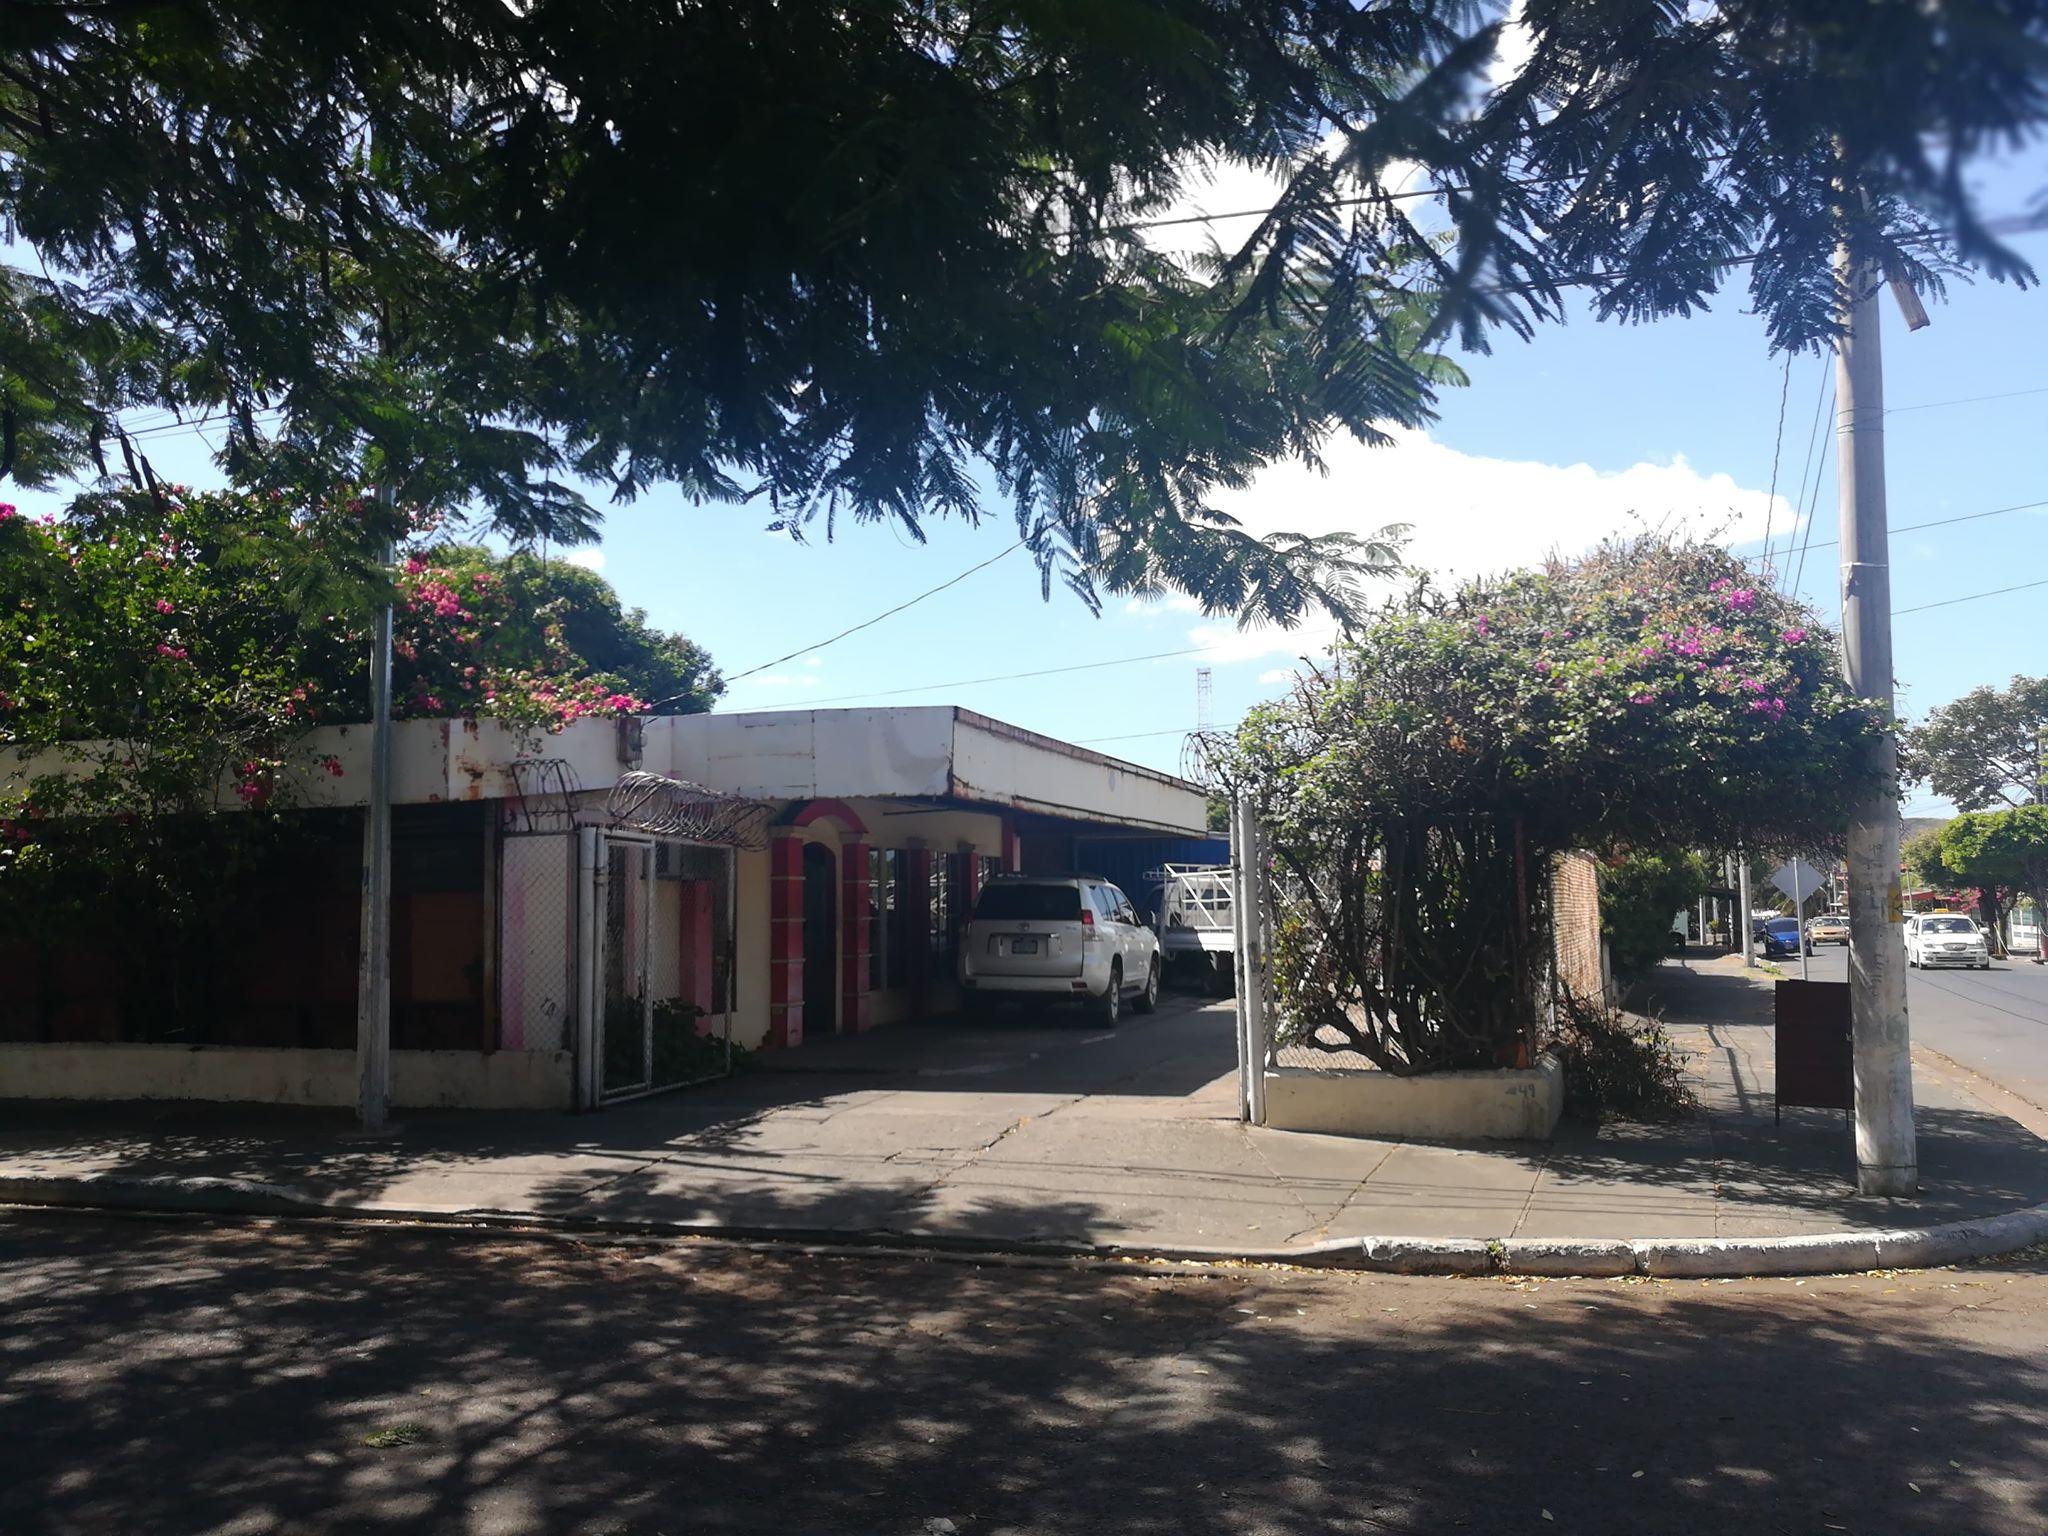 monseñor-lezcano-kmc-bienes-raices-13736543 (5)